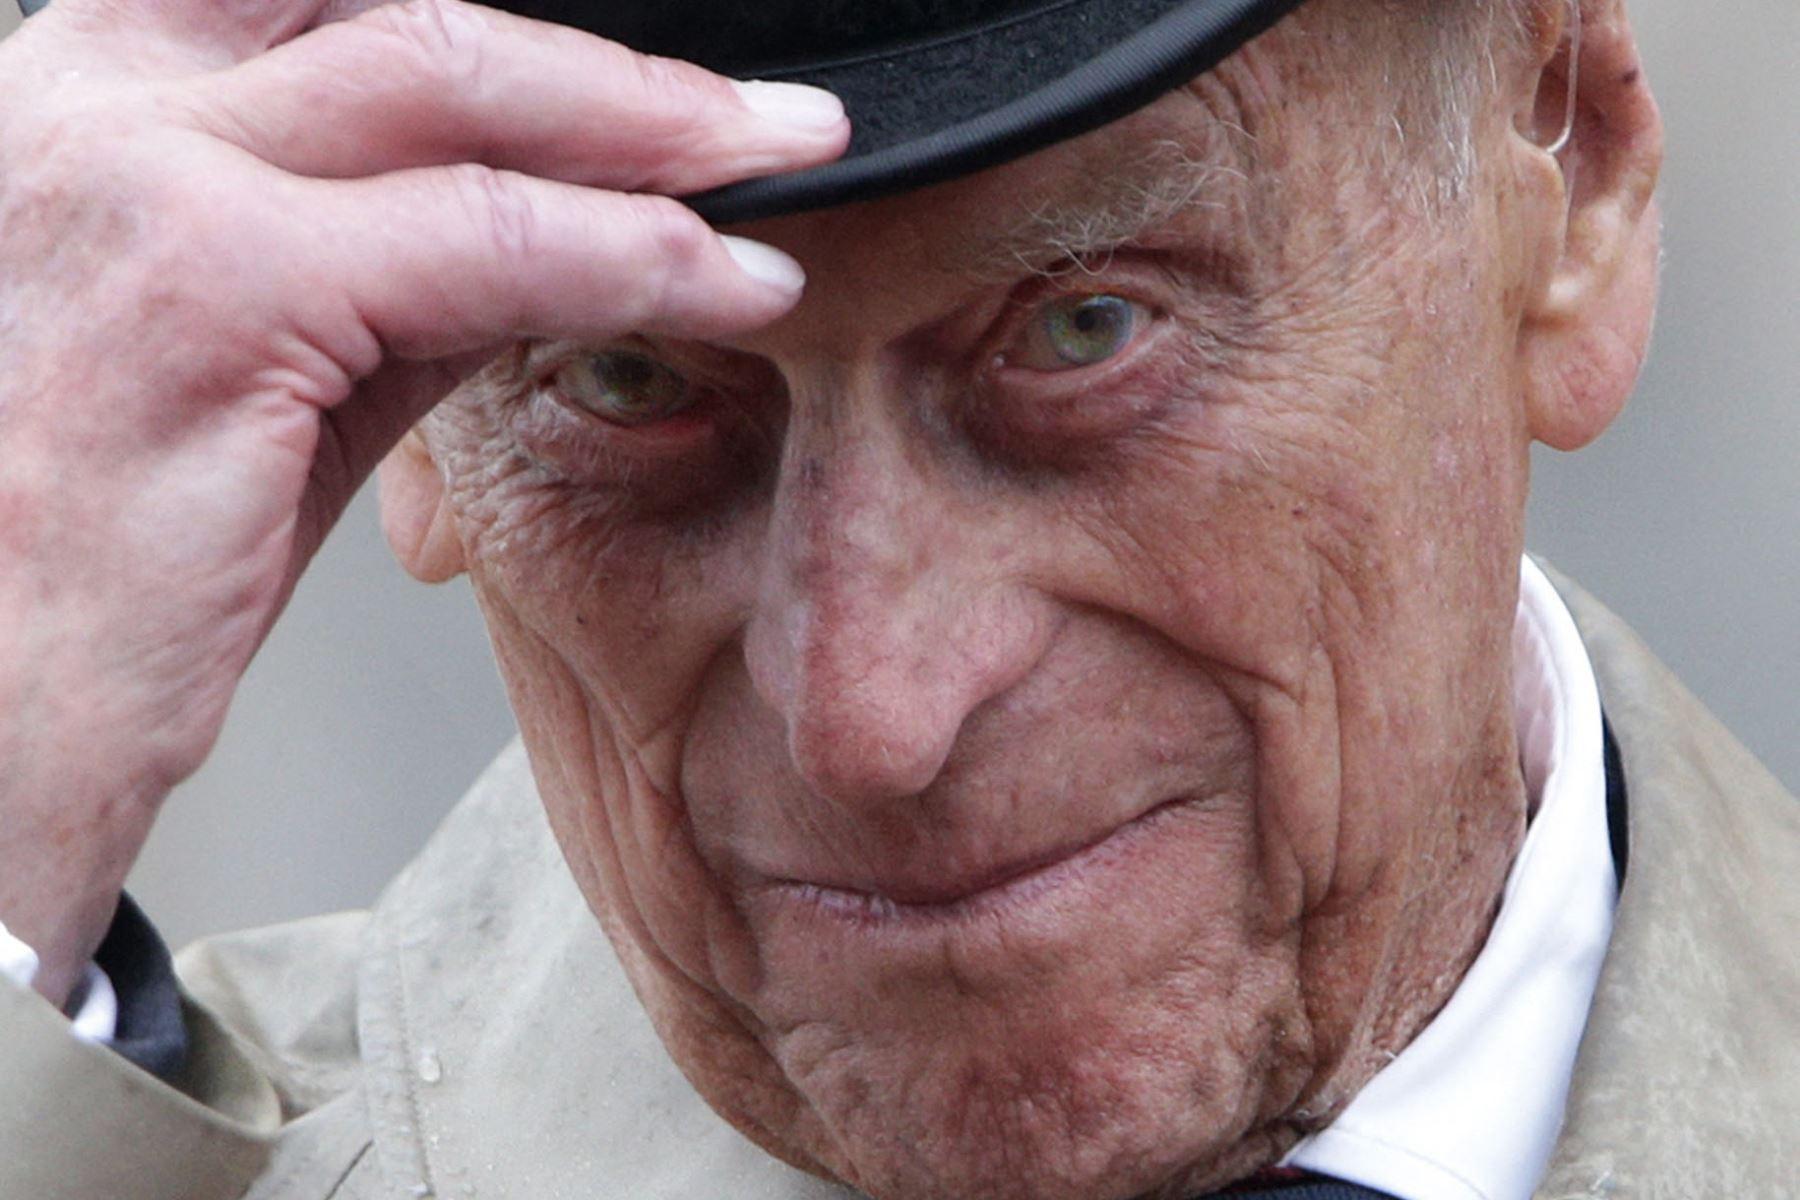 """Conocido por su particular humor, y por su inquebrantable lealtad a la monarquía, Felipe vio desfilar durante décadas a generaciones de """"royals"""" dentro y fuera de Europa. Foto: AFP"""